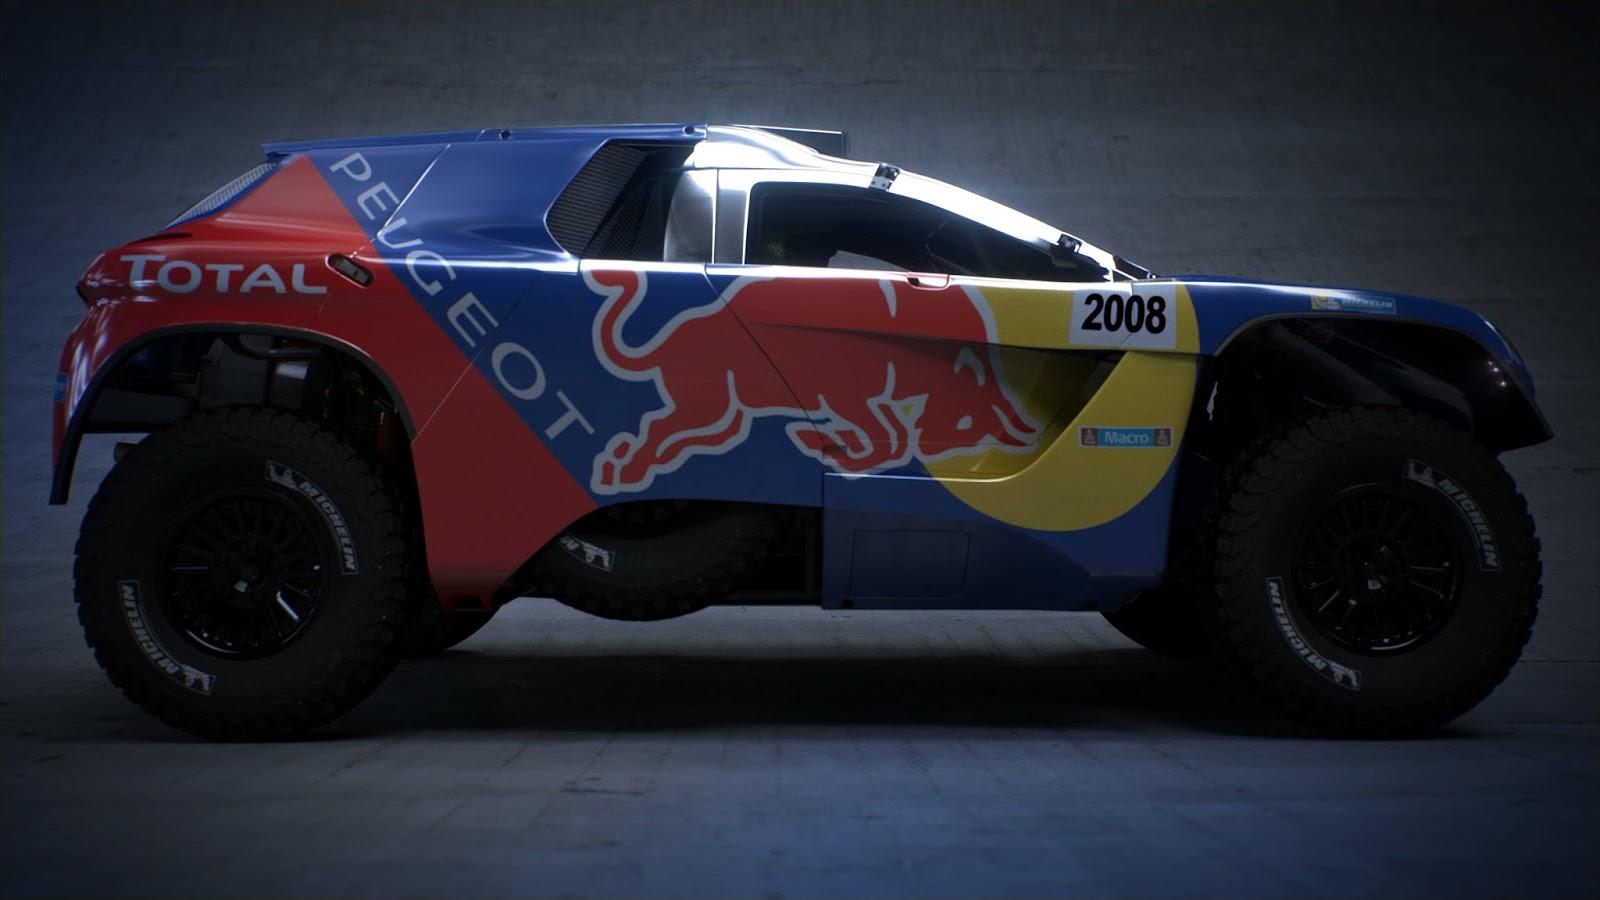 P 20151202 00381 News Το PEUGEOT 2008DKR στα χρώματα του πολέμου! Peugeot, Peugeot 2008 DKR, Peugeot 2008 DKR16, Rally Dakar